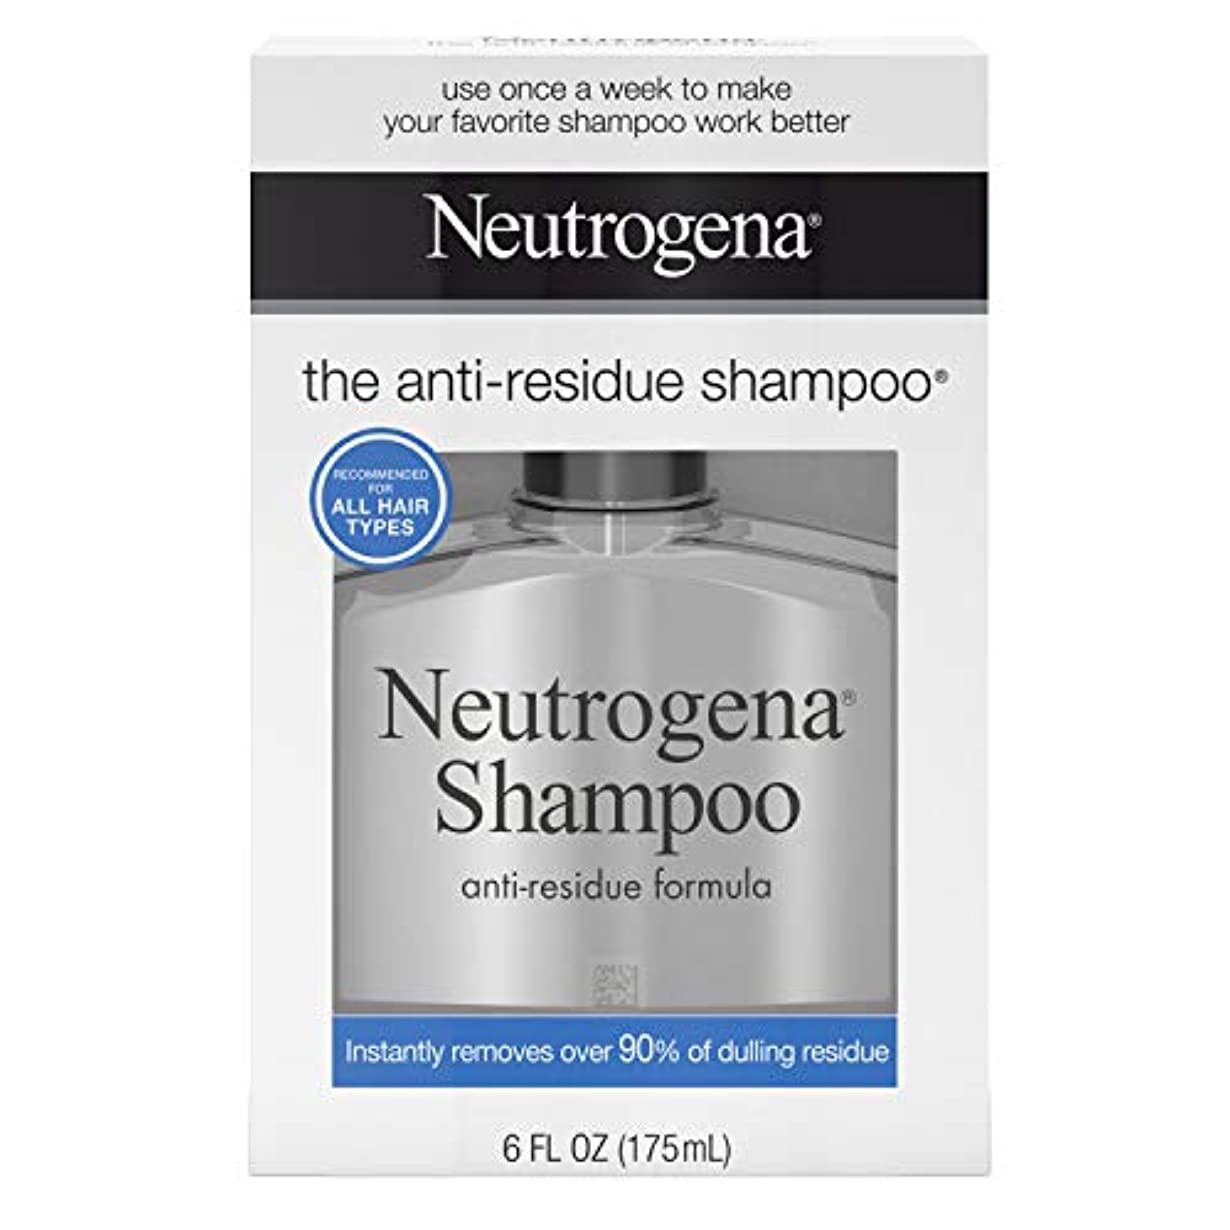 復活する思慮深いシステム海外直送品Neutrogena Neutrogena Anti-Residue Shampoo, 6 oz (Pack of 6)